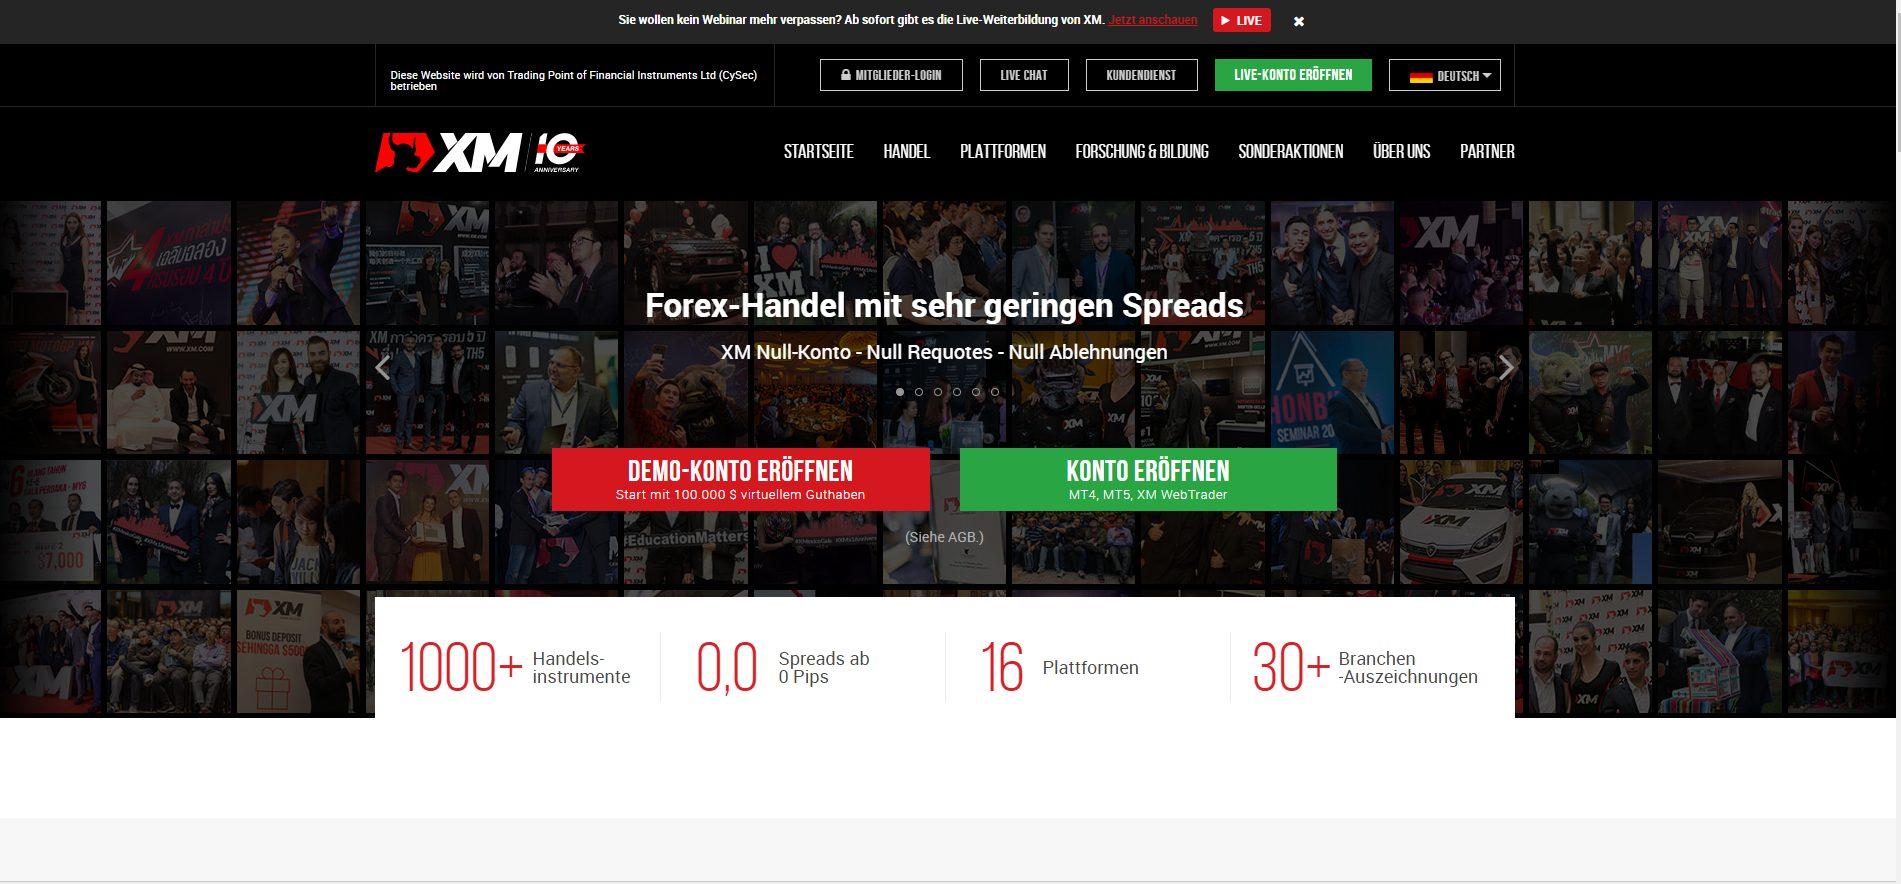 XM CFD Broker Webseite